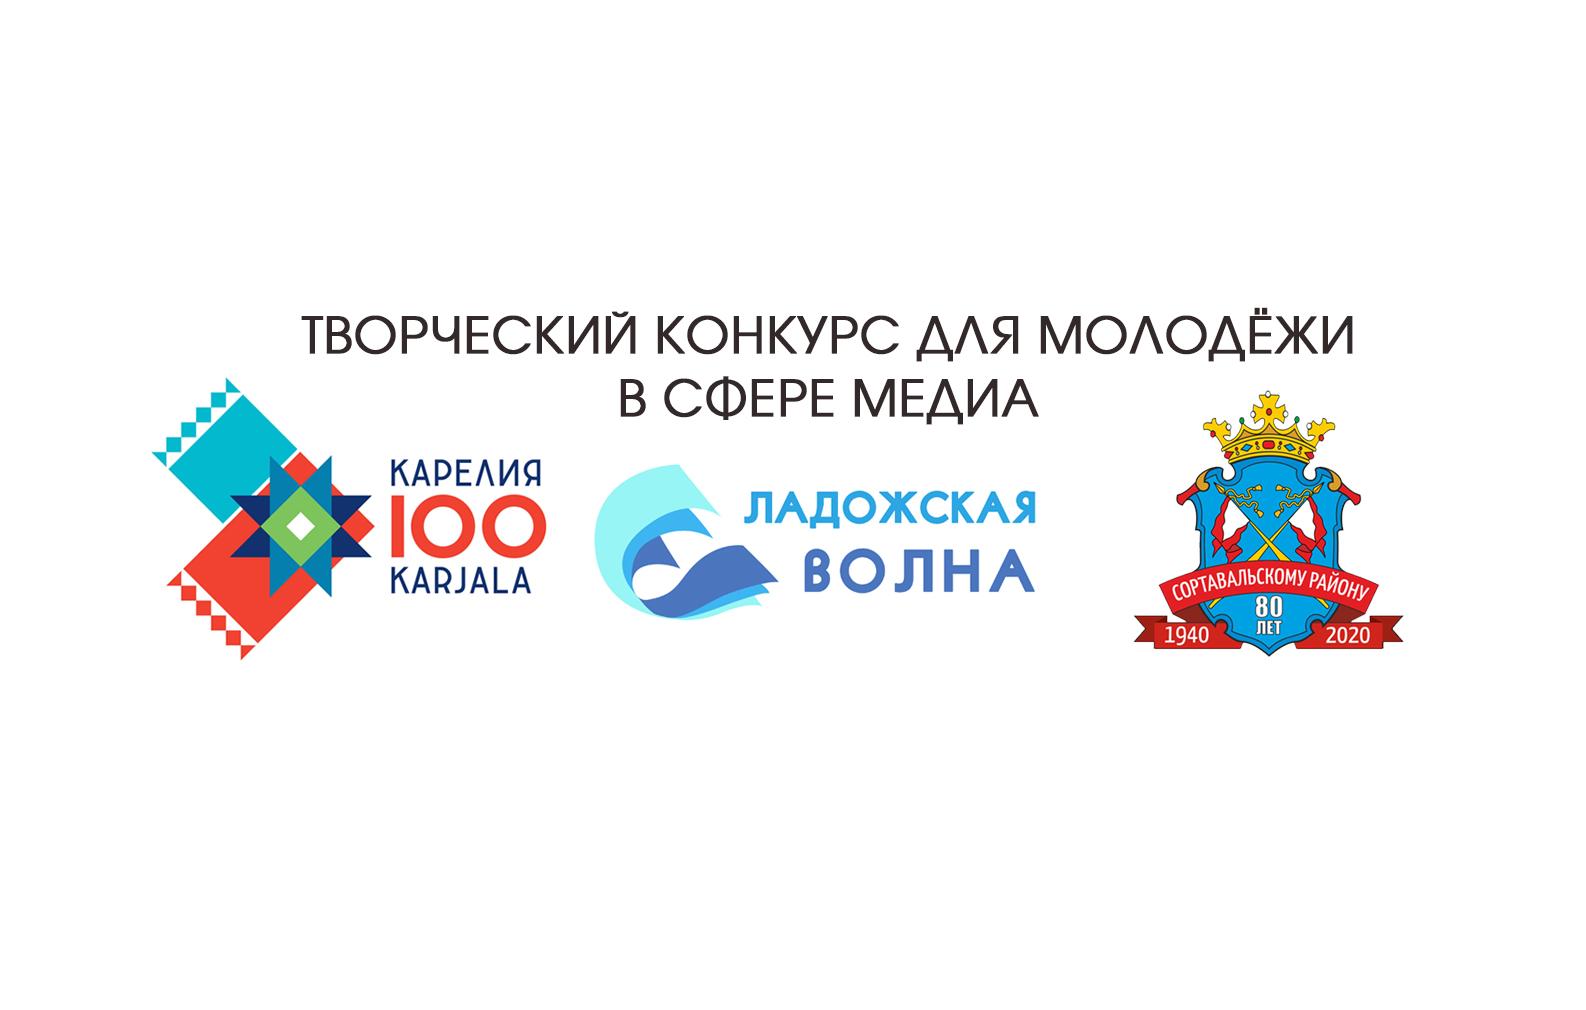 <p>С 1 февраля по 30 марта в городе Сортавала пройдет творческий медиа-конкурс для молодёжи «Ладожская волна». Если ты пишешь, снимаешь фото и видео и хочешь прокачать свои навыки – участвуй в конкурсе «Ладожская волна». Конкурс проводится в рамках празднования 100-летие Республики Карелия и 80-летия Сортавальского района в 2020 году. Цель […]</p>